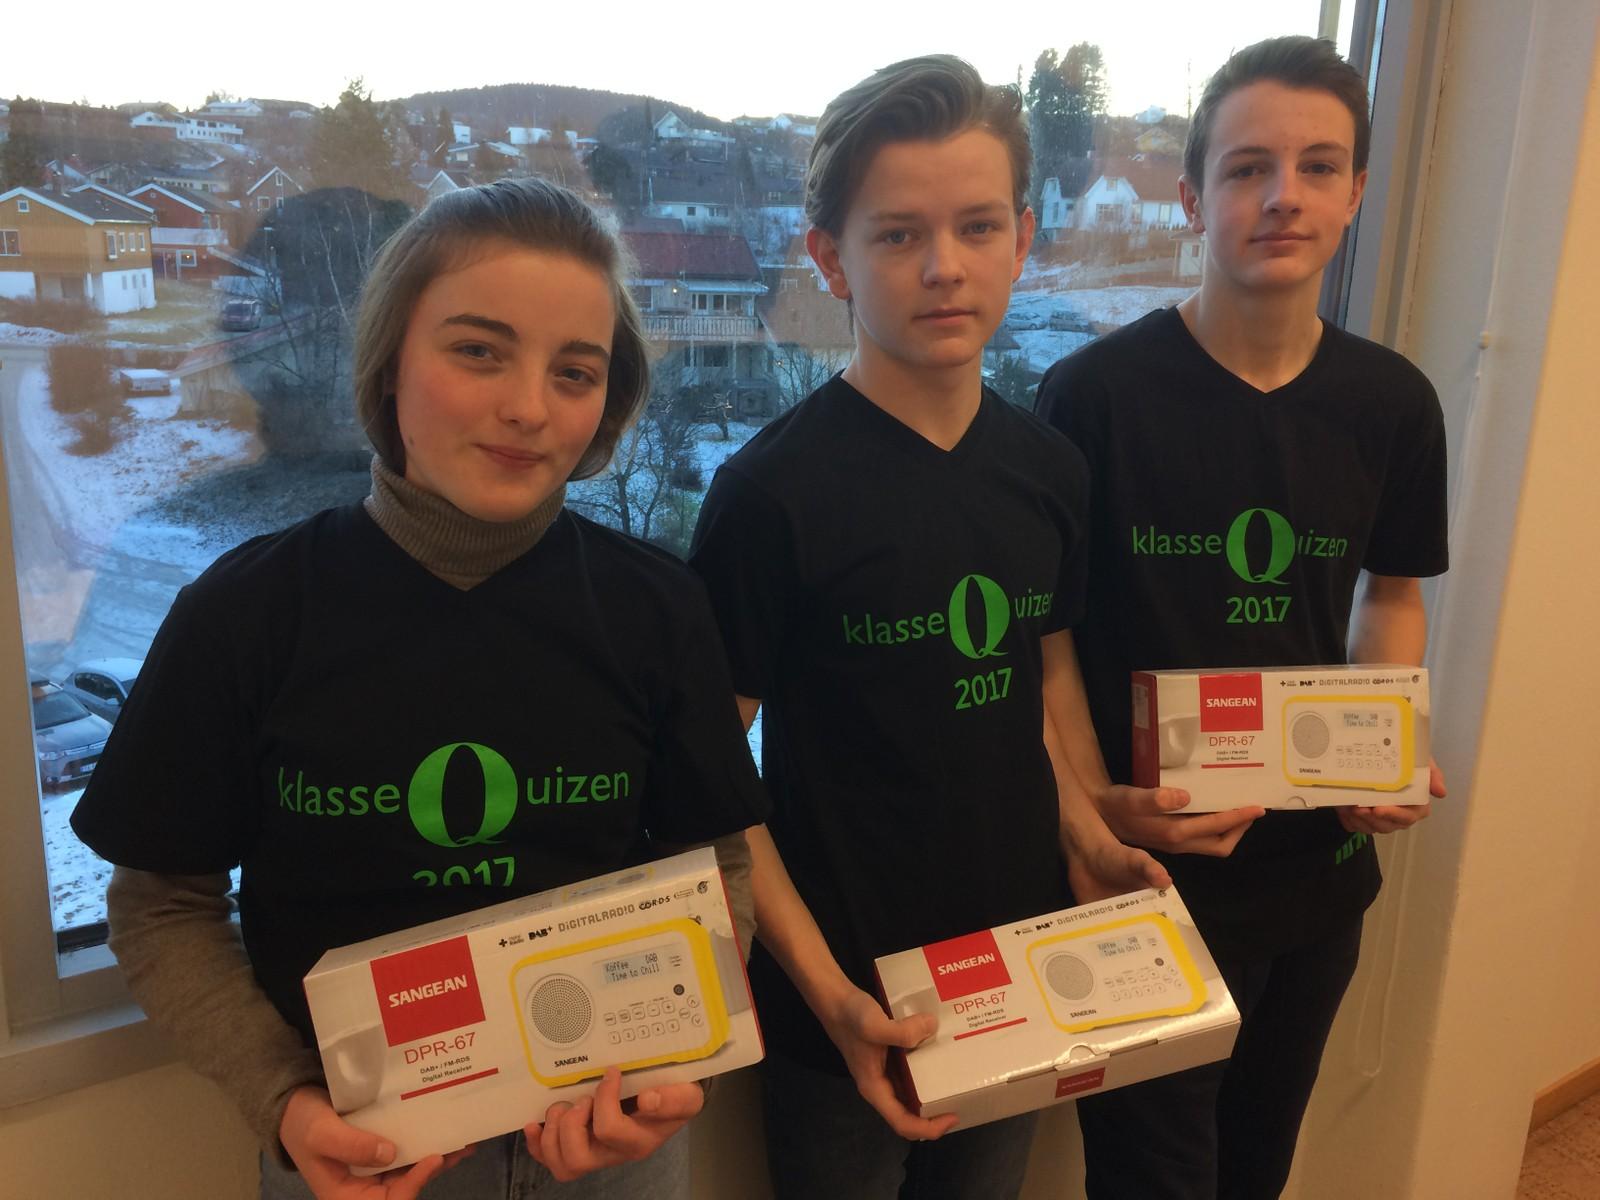 SUNNLAND SKOLE: Fra venstre: Ingrid Sofie Syrstad Ude, Tallak Ravn og Oscar Nygård.